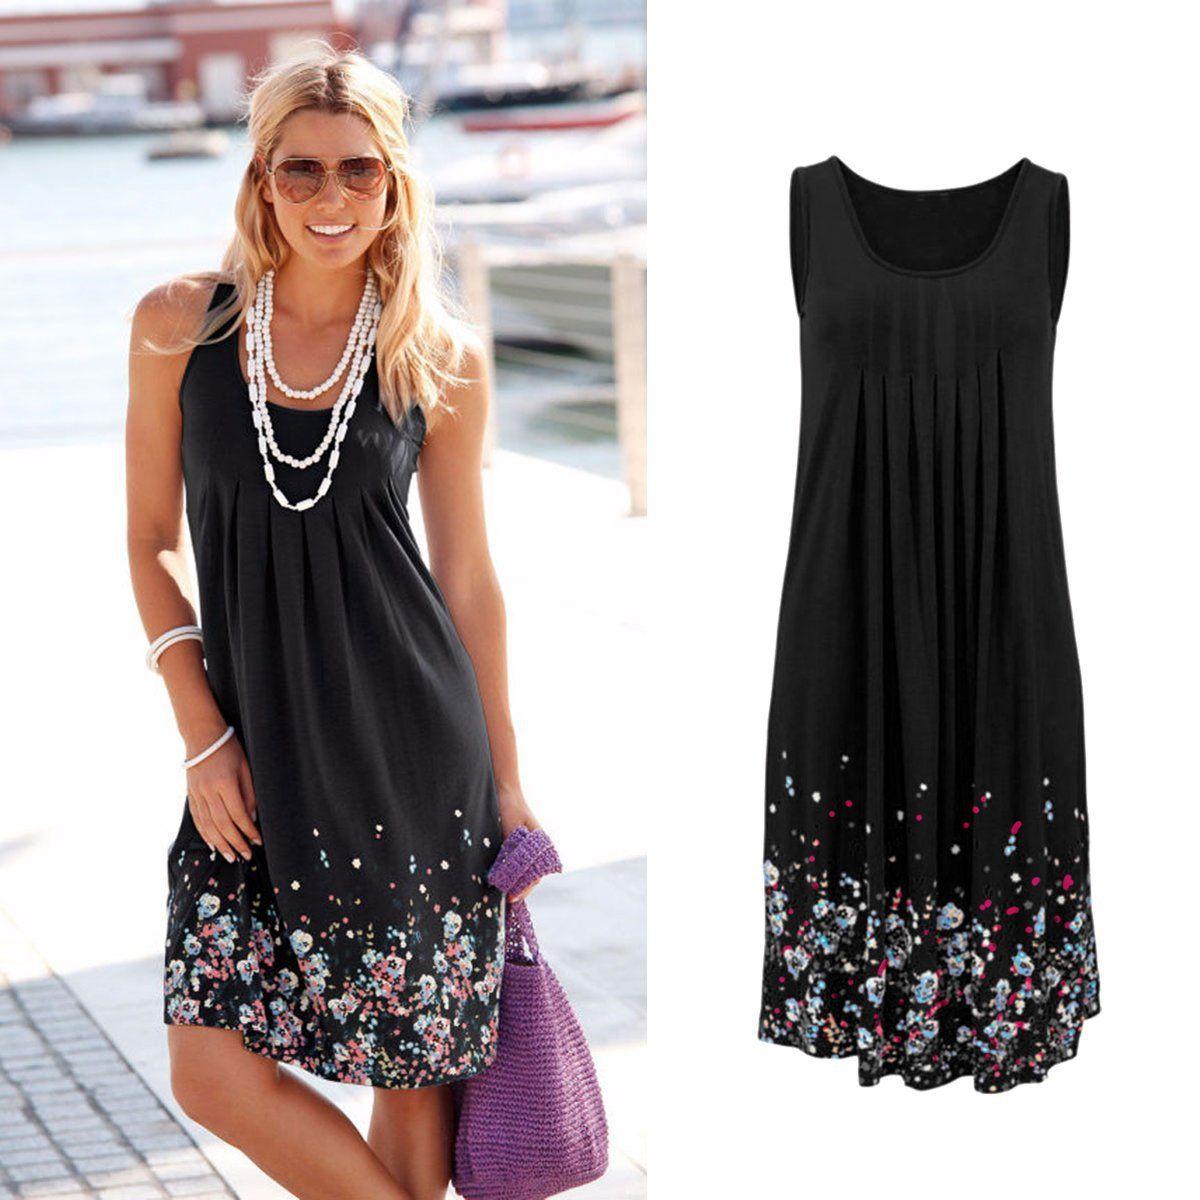 2019 Avrupa ilkbahar yaz yeni ürünler rahat gevşek yuvarlak boyun kolsuz baskı yüksek bel elbise. Destek karışık toplu